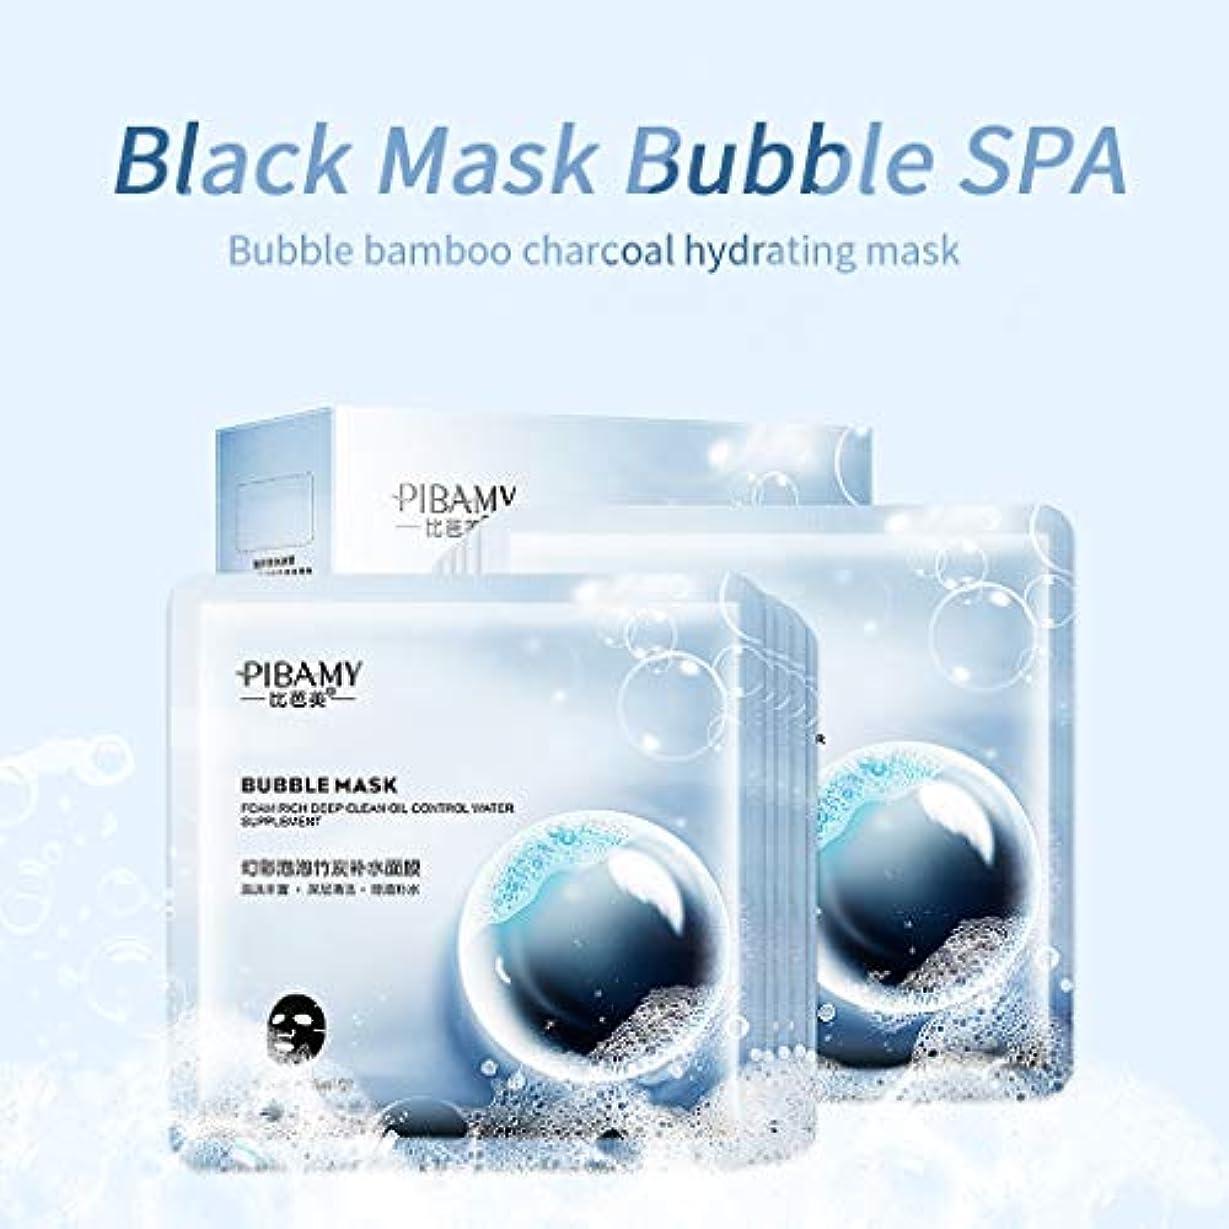 デコラティブファウル悪意のあるフェイシャルマスク 清潔なマスク Tik Tokの人気商品 Pibayy竹炭息酸素泡クレンジングマスク 解毒酸素バブルマスク保湿ブラックマスクホワイトニングフェイシャルケア ディープクリーニング 脂性肌や毛穴の詰まりに適しています 10個 (ホワイト)